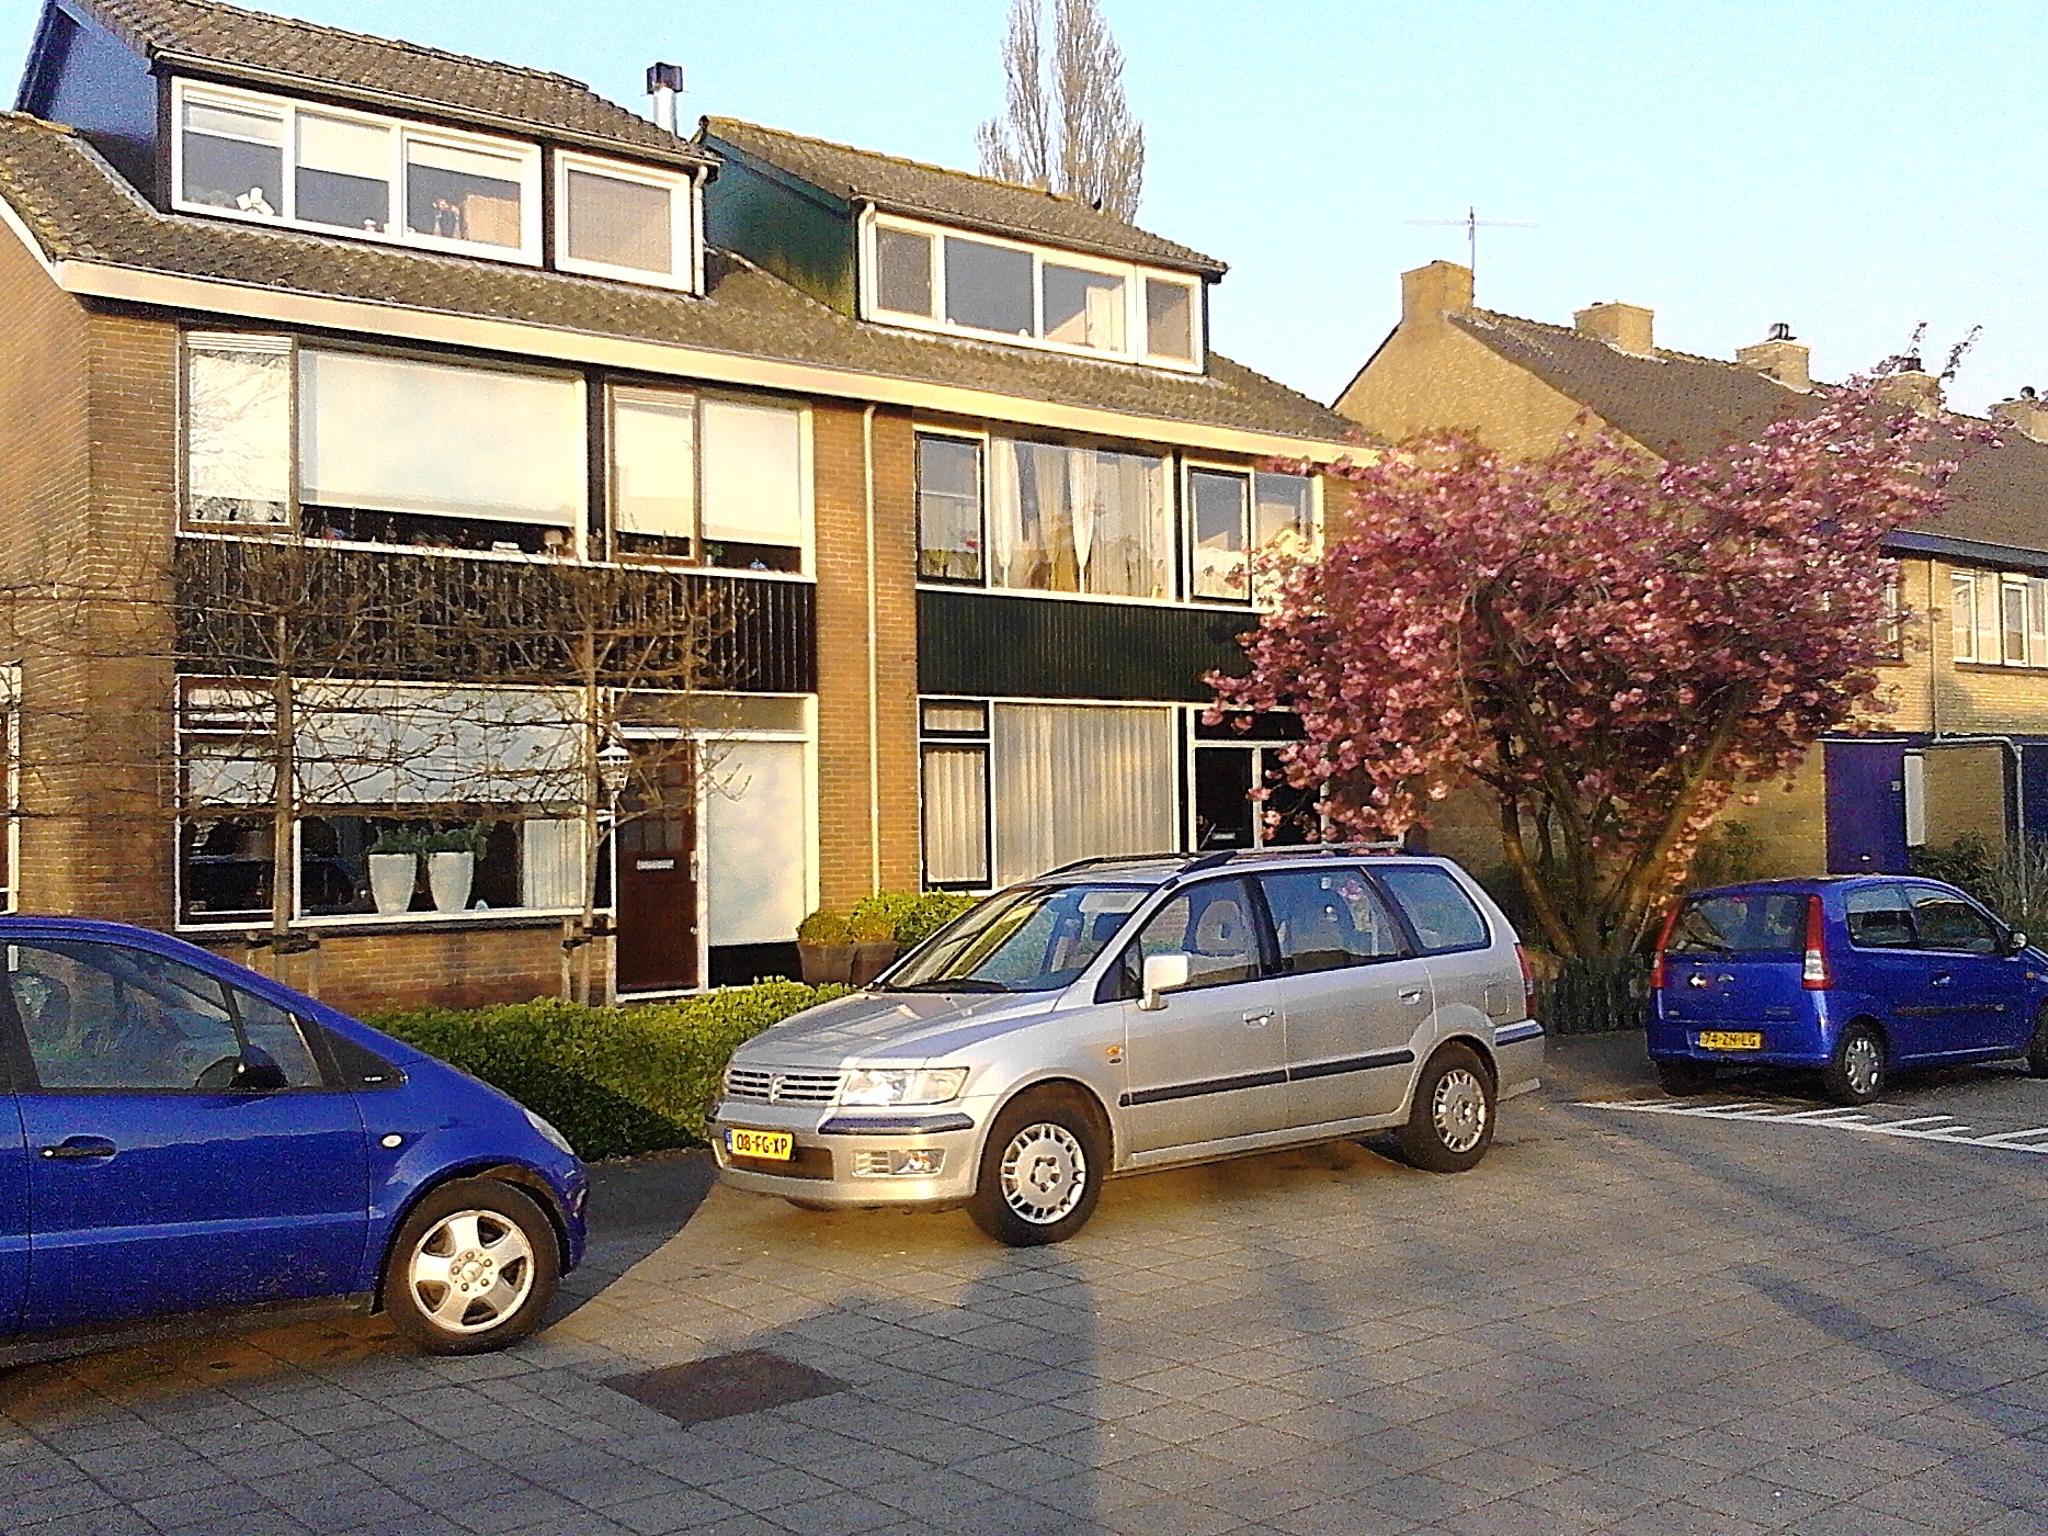 Waarder, Pr. Bernhardstraat Dakopbouw 27